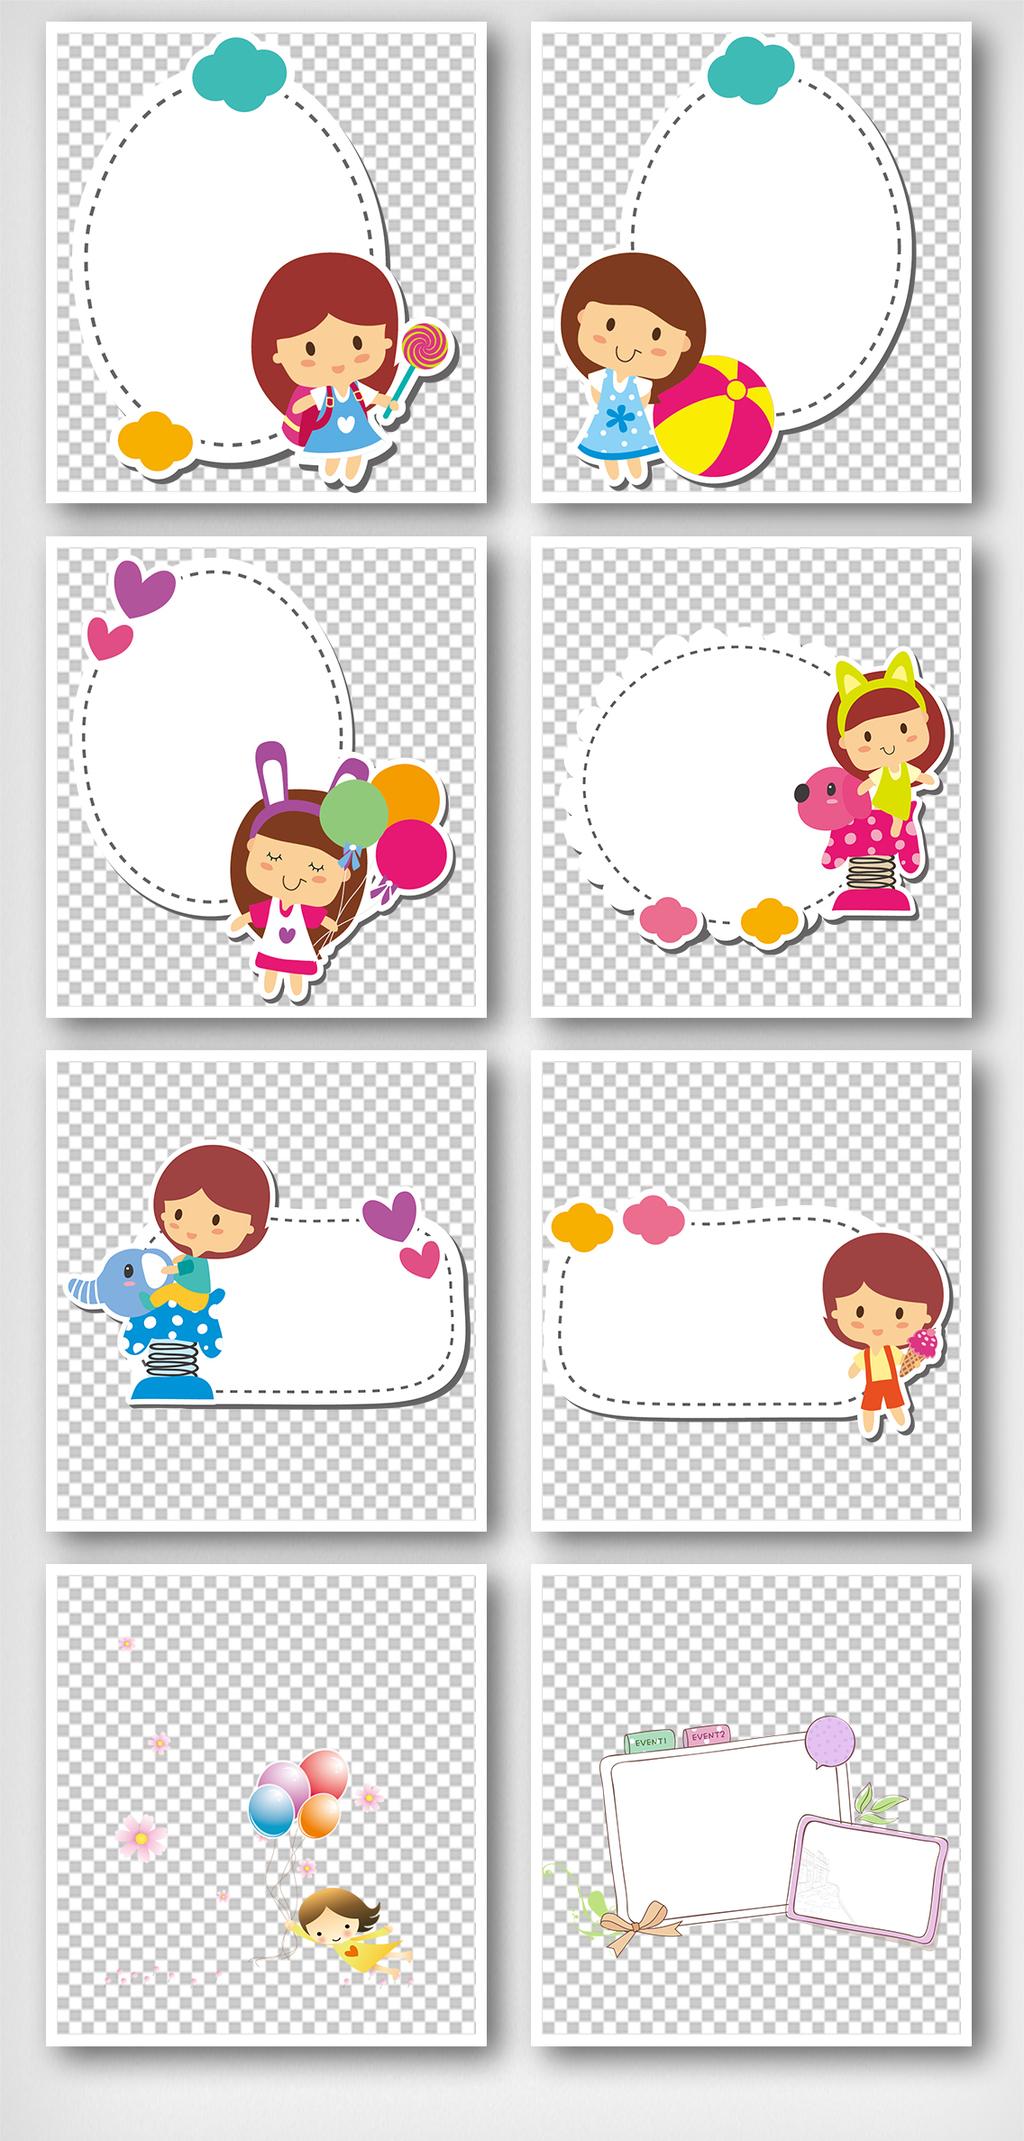 手抄报|小报 小报/板报素材 边框 > 卡通小女孩手抄报边框元素   图片